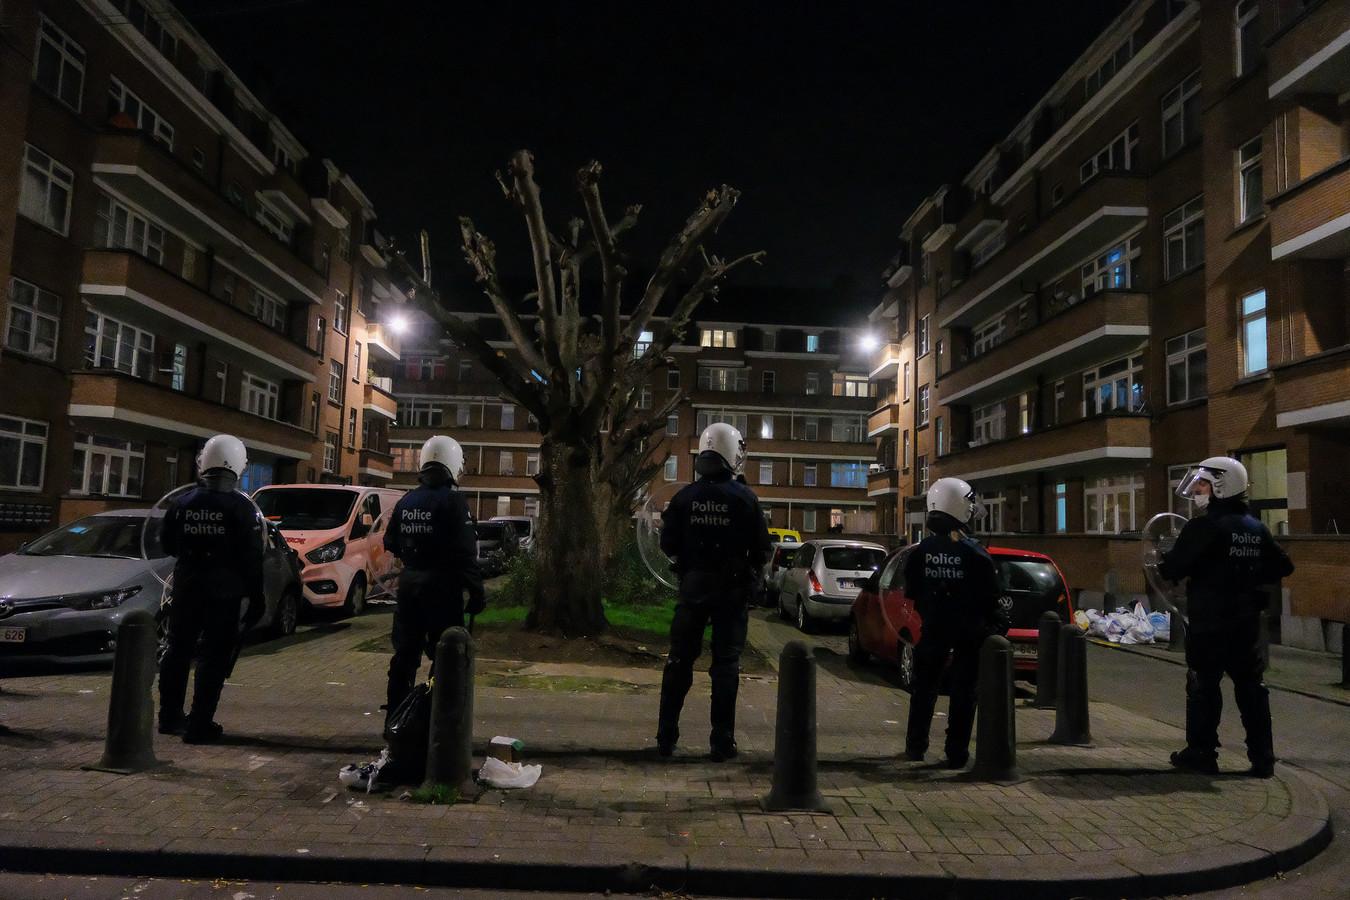 De politie staat paraat om rellen zoals in april te voorkomen.